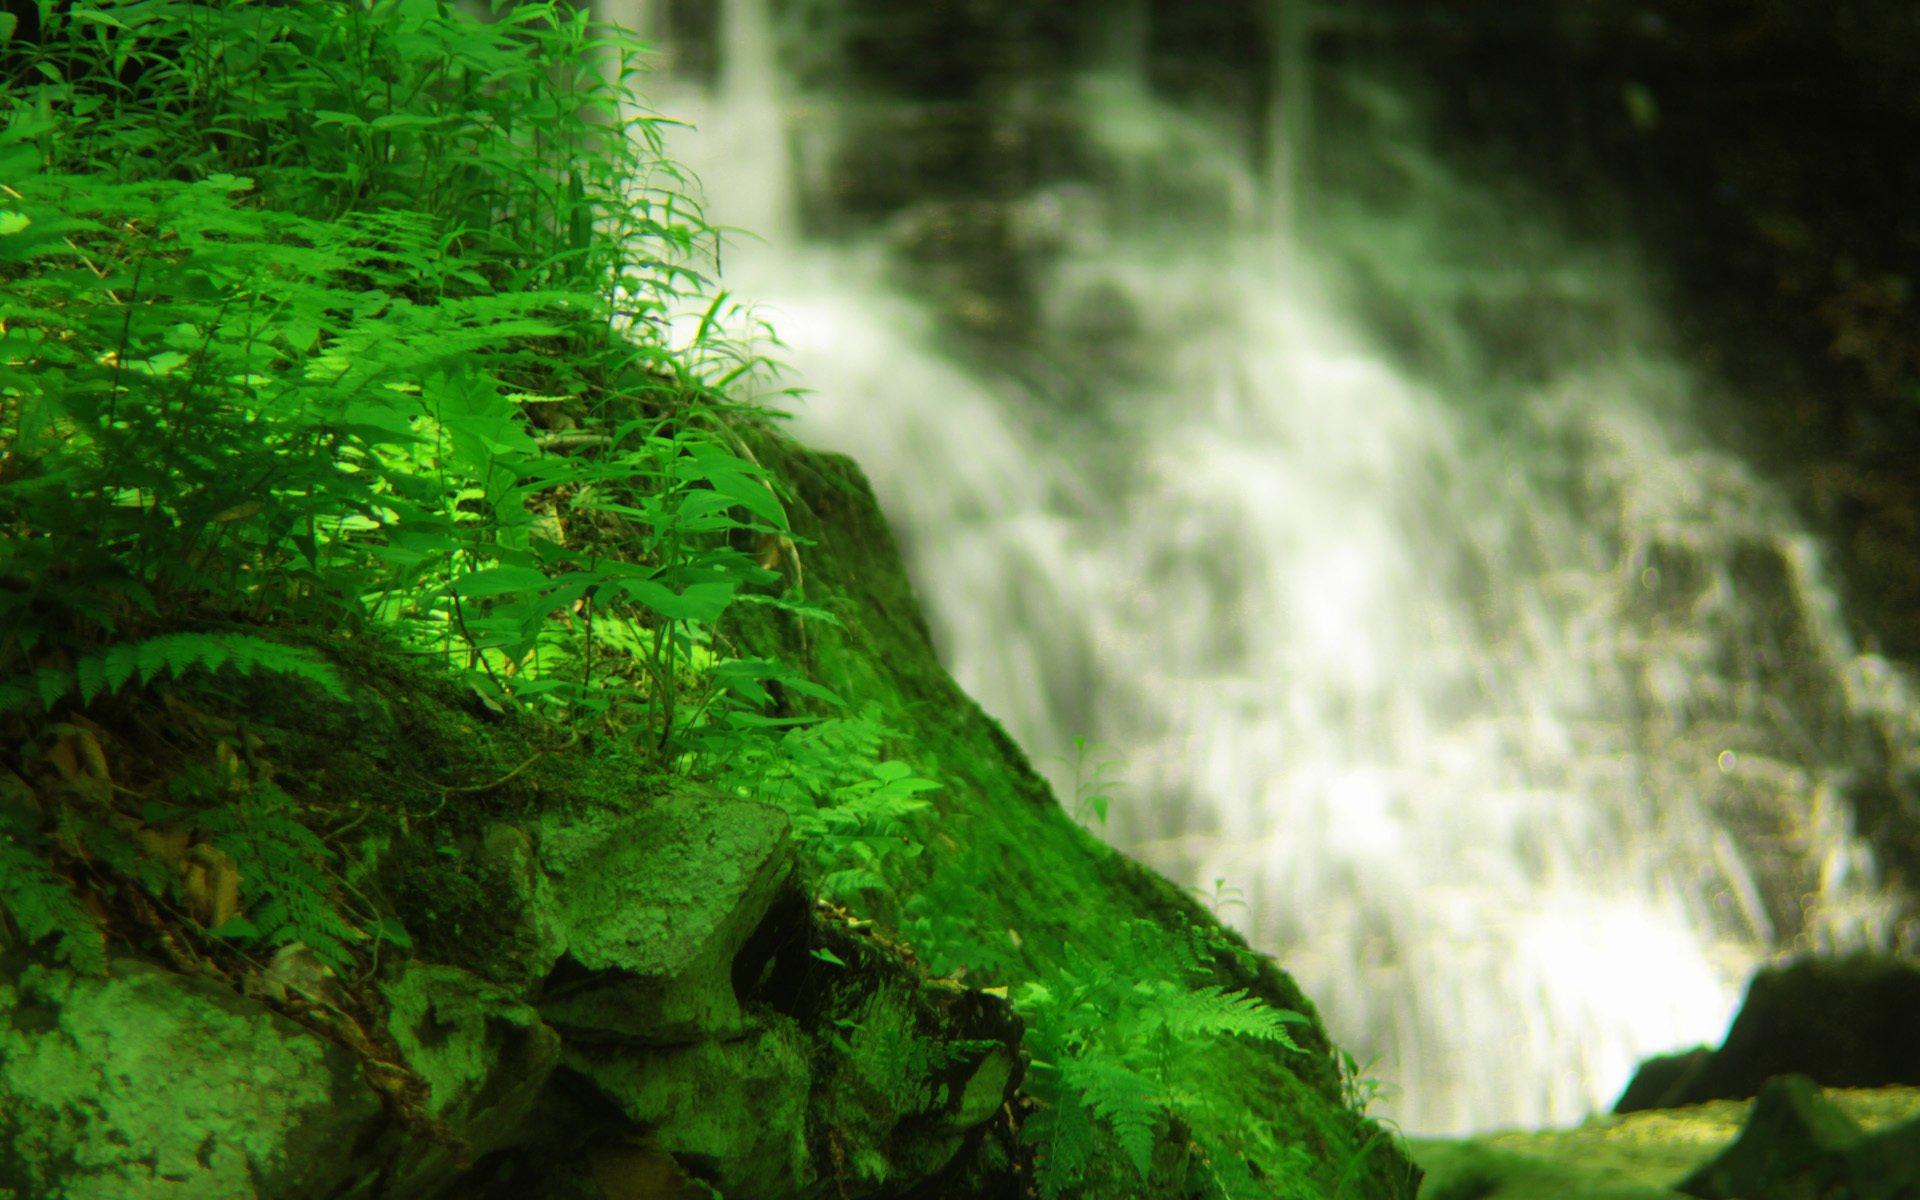 водопад озеро листья растения камни бесплатно